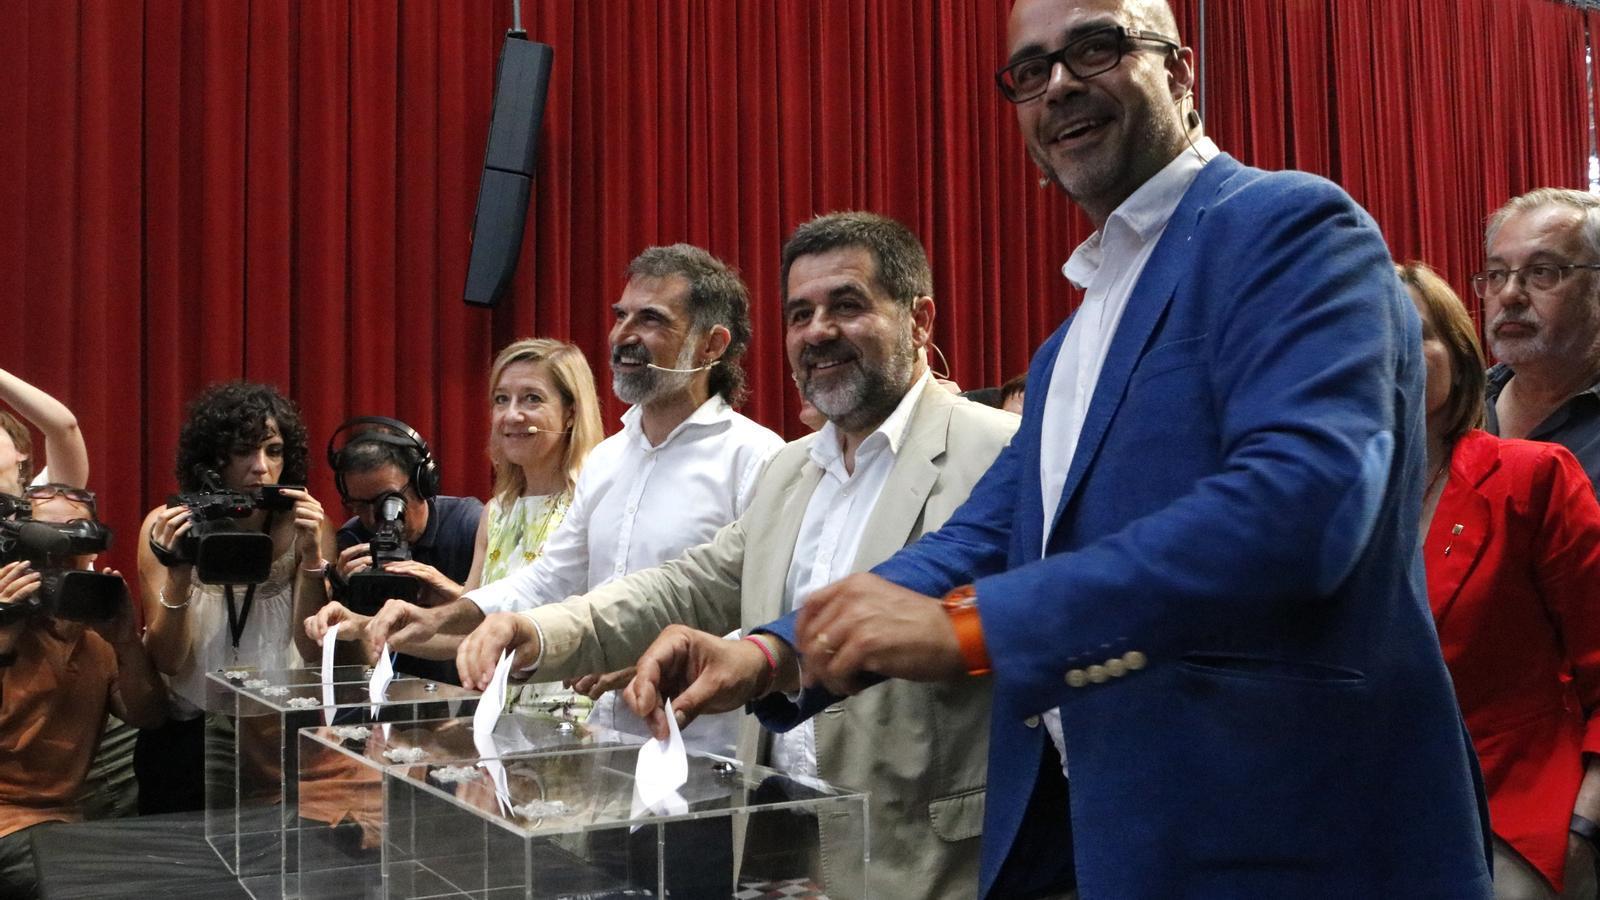 Les entitats afirmen que si guanya el 'sí' en el referèndum s'ha de proclamar la República